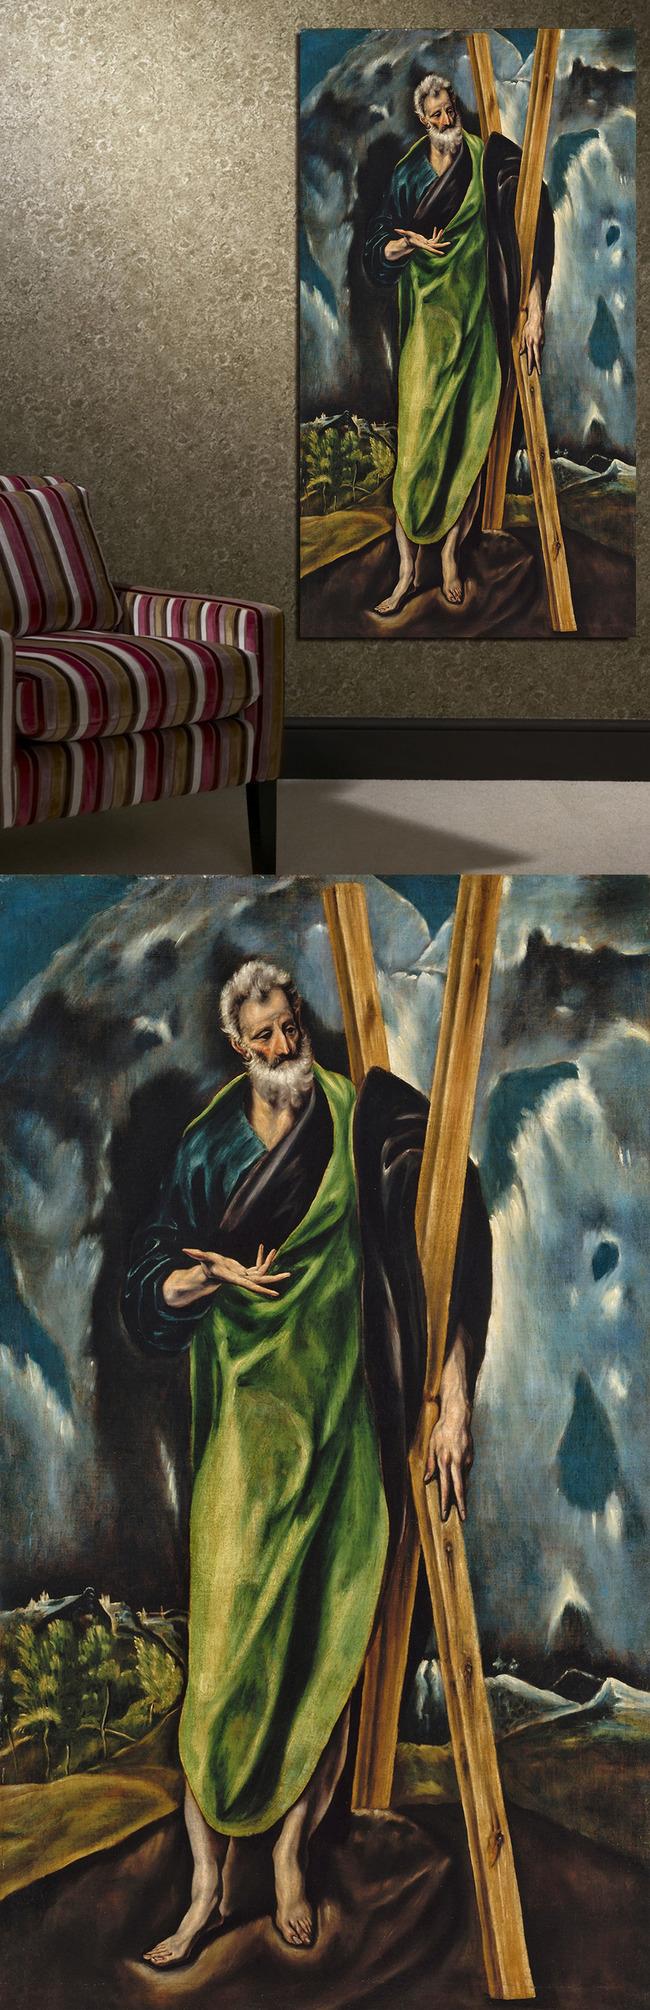 客厅装饰画沙发背景画 人物 手绘 肖像 长方形 人像 画像 中世纪 文艺